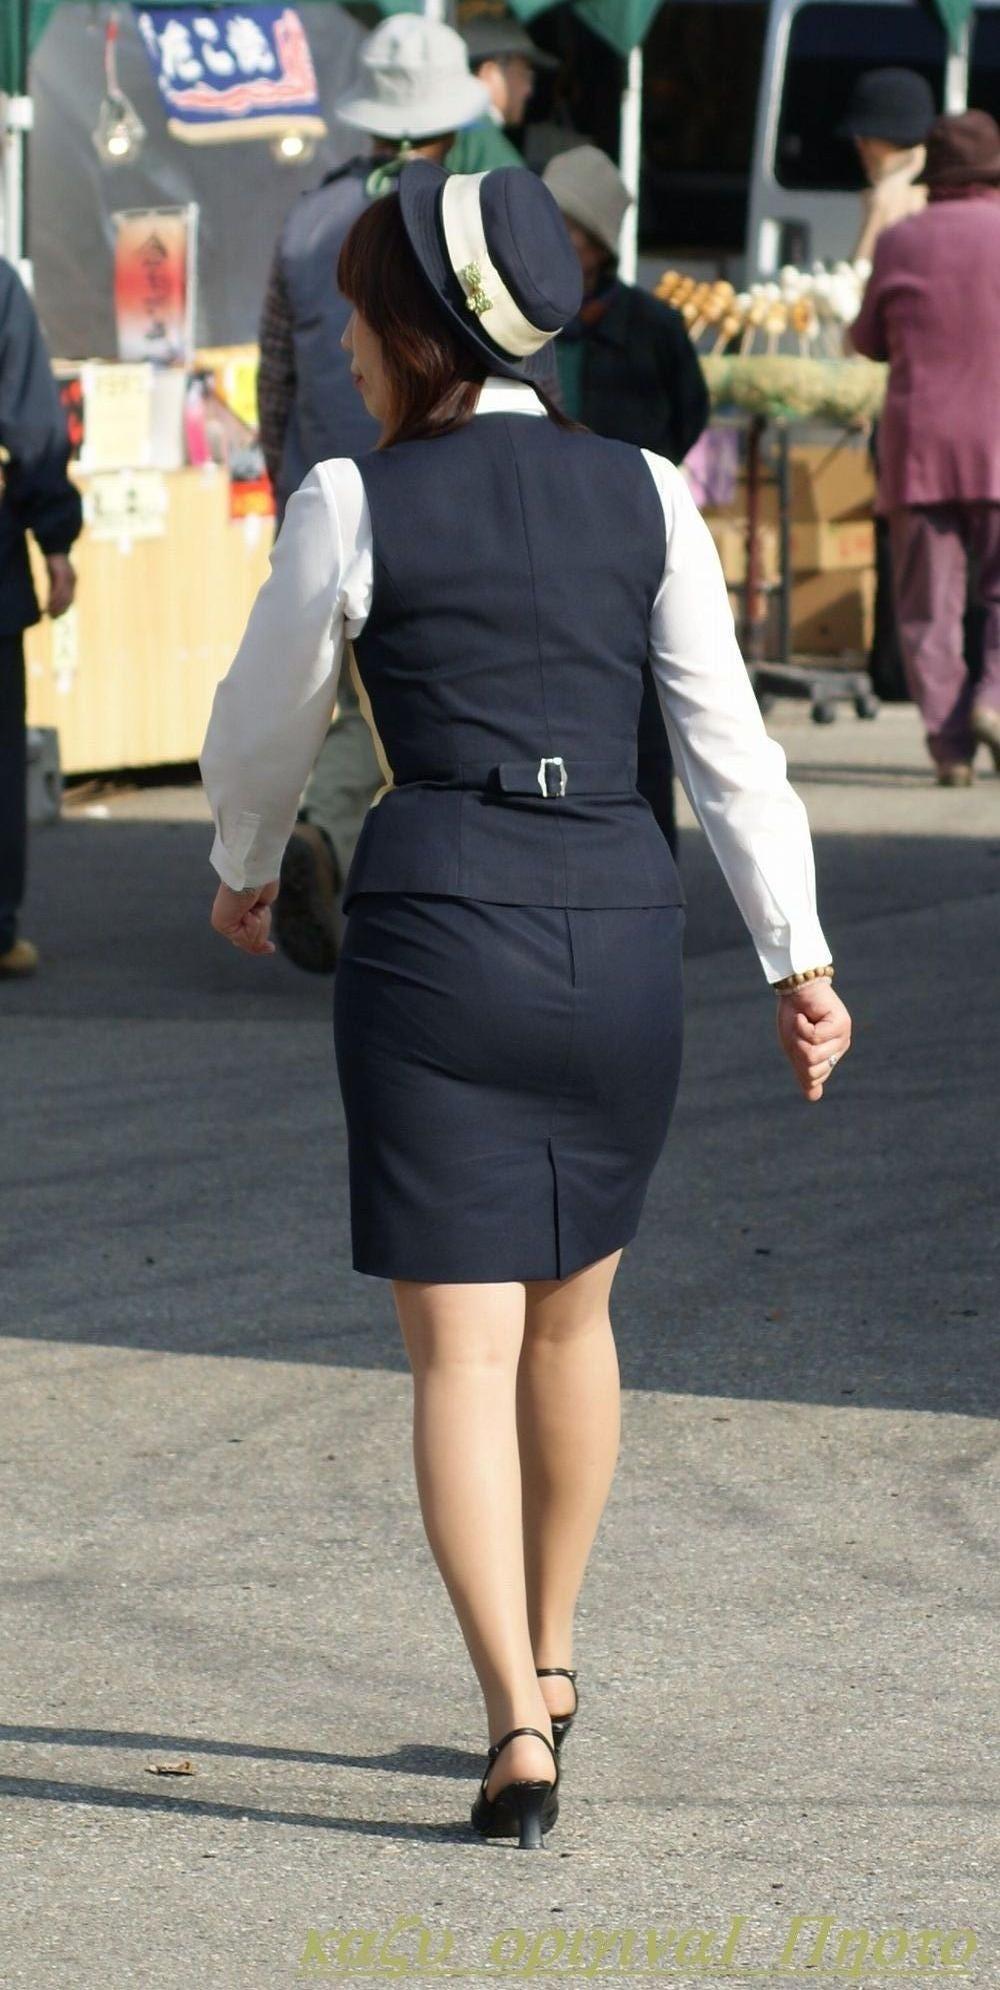 バスガイドさんの下着が気になる制服の中身エロ画像2枚目